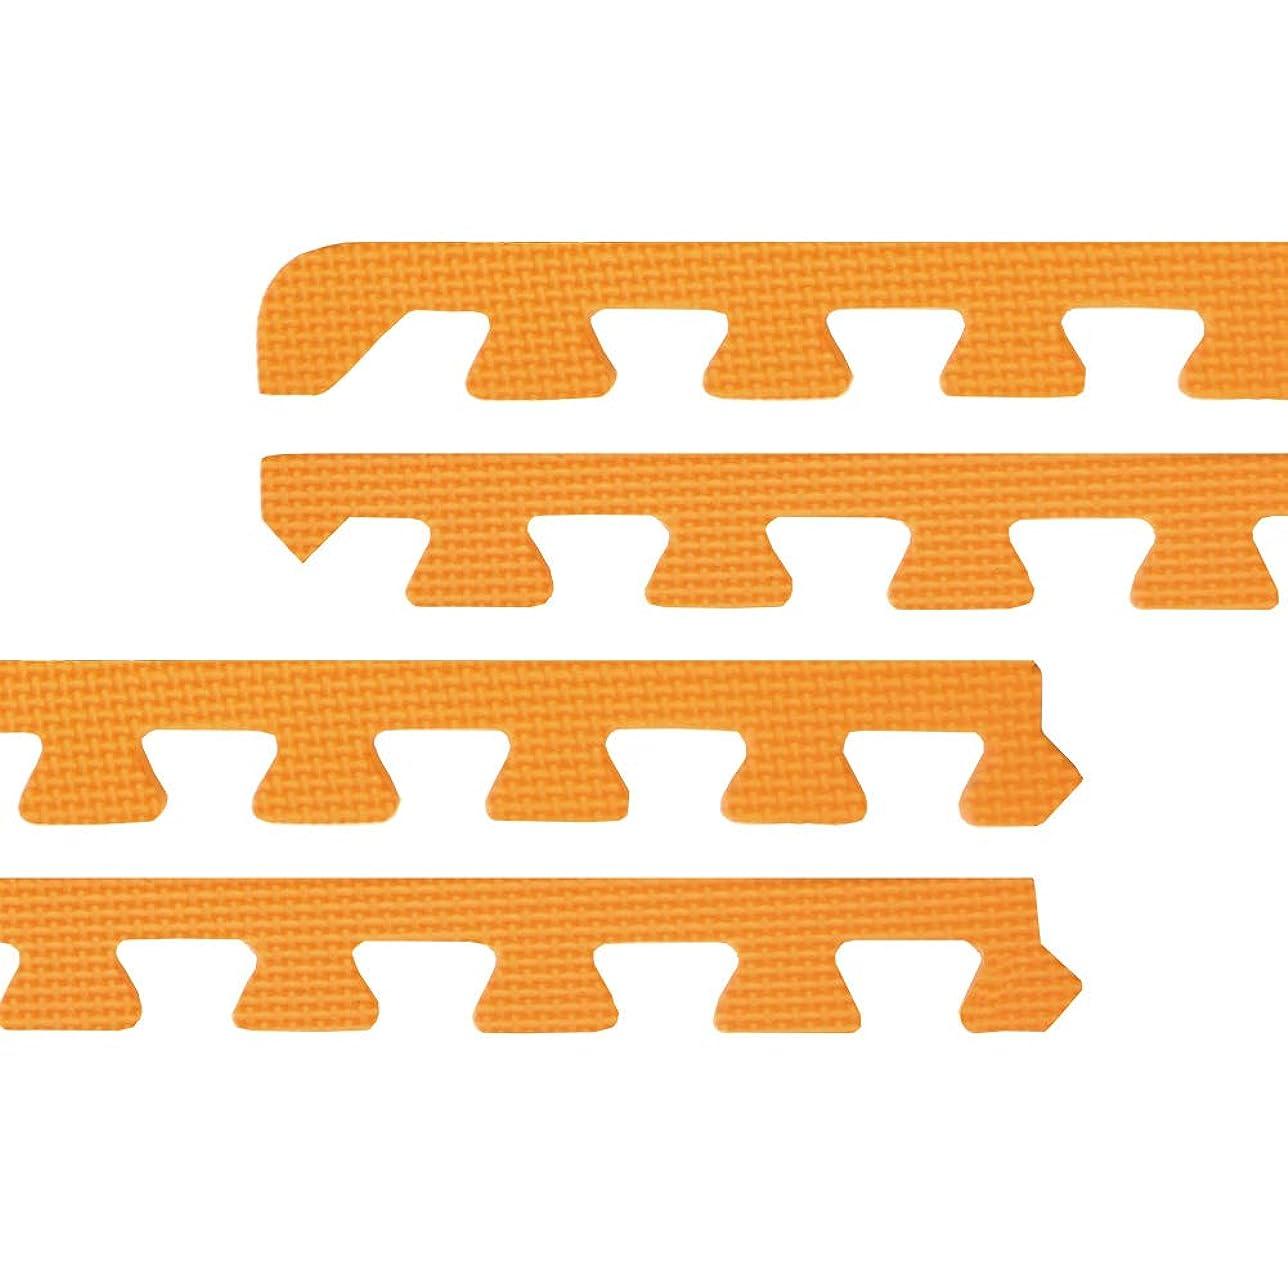 マーカー祈り遮るノンホル 『 やさしいジョイントマット 』 約6畳分サイドパーツ レギュラーサイズ(30cm) オレンジ単色 【 床暖房対応 防音 】